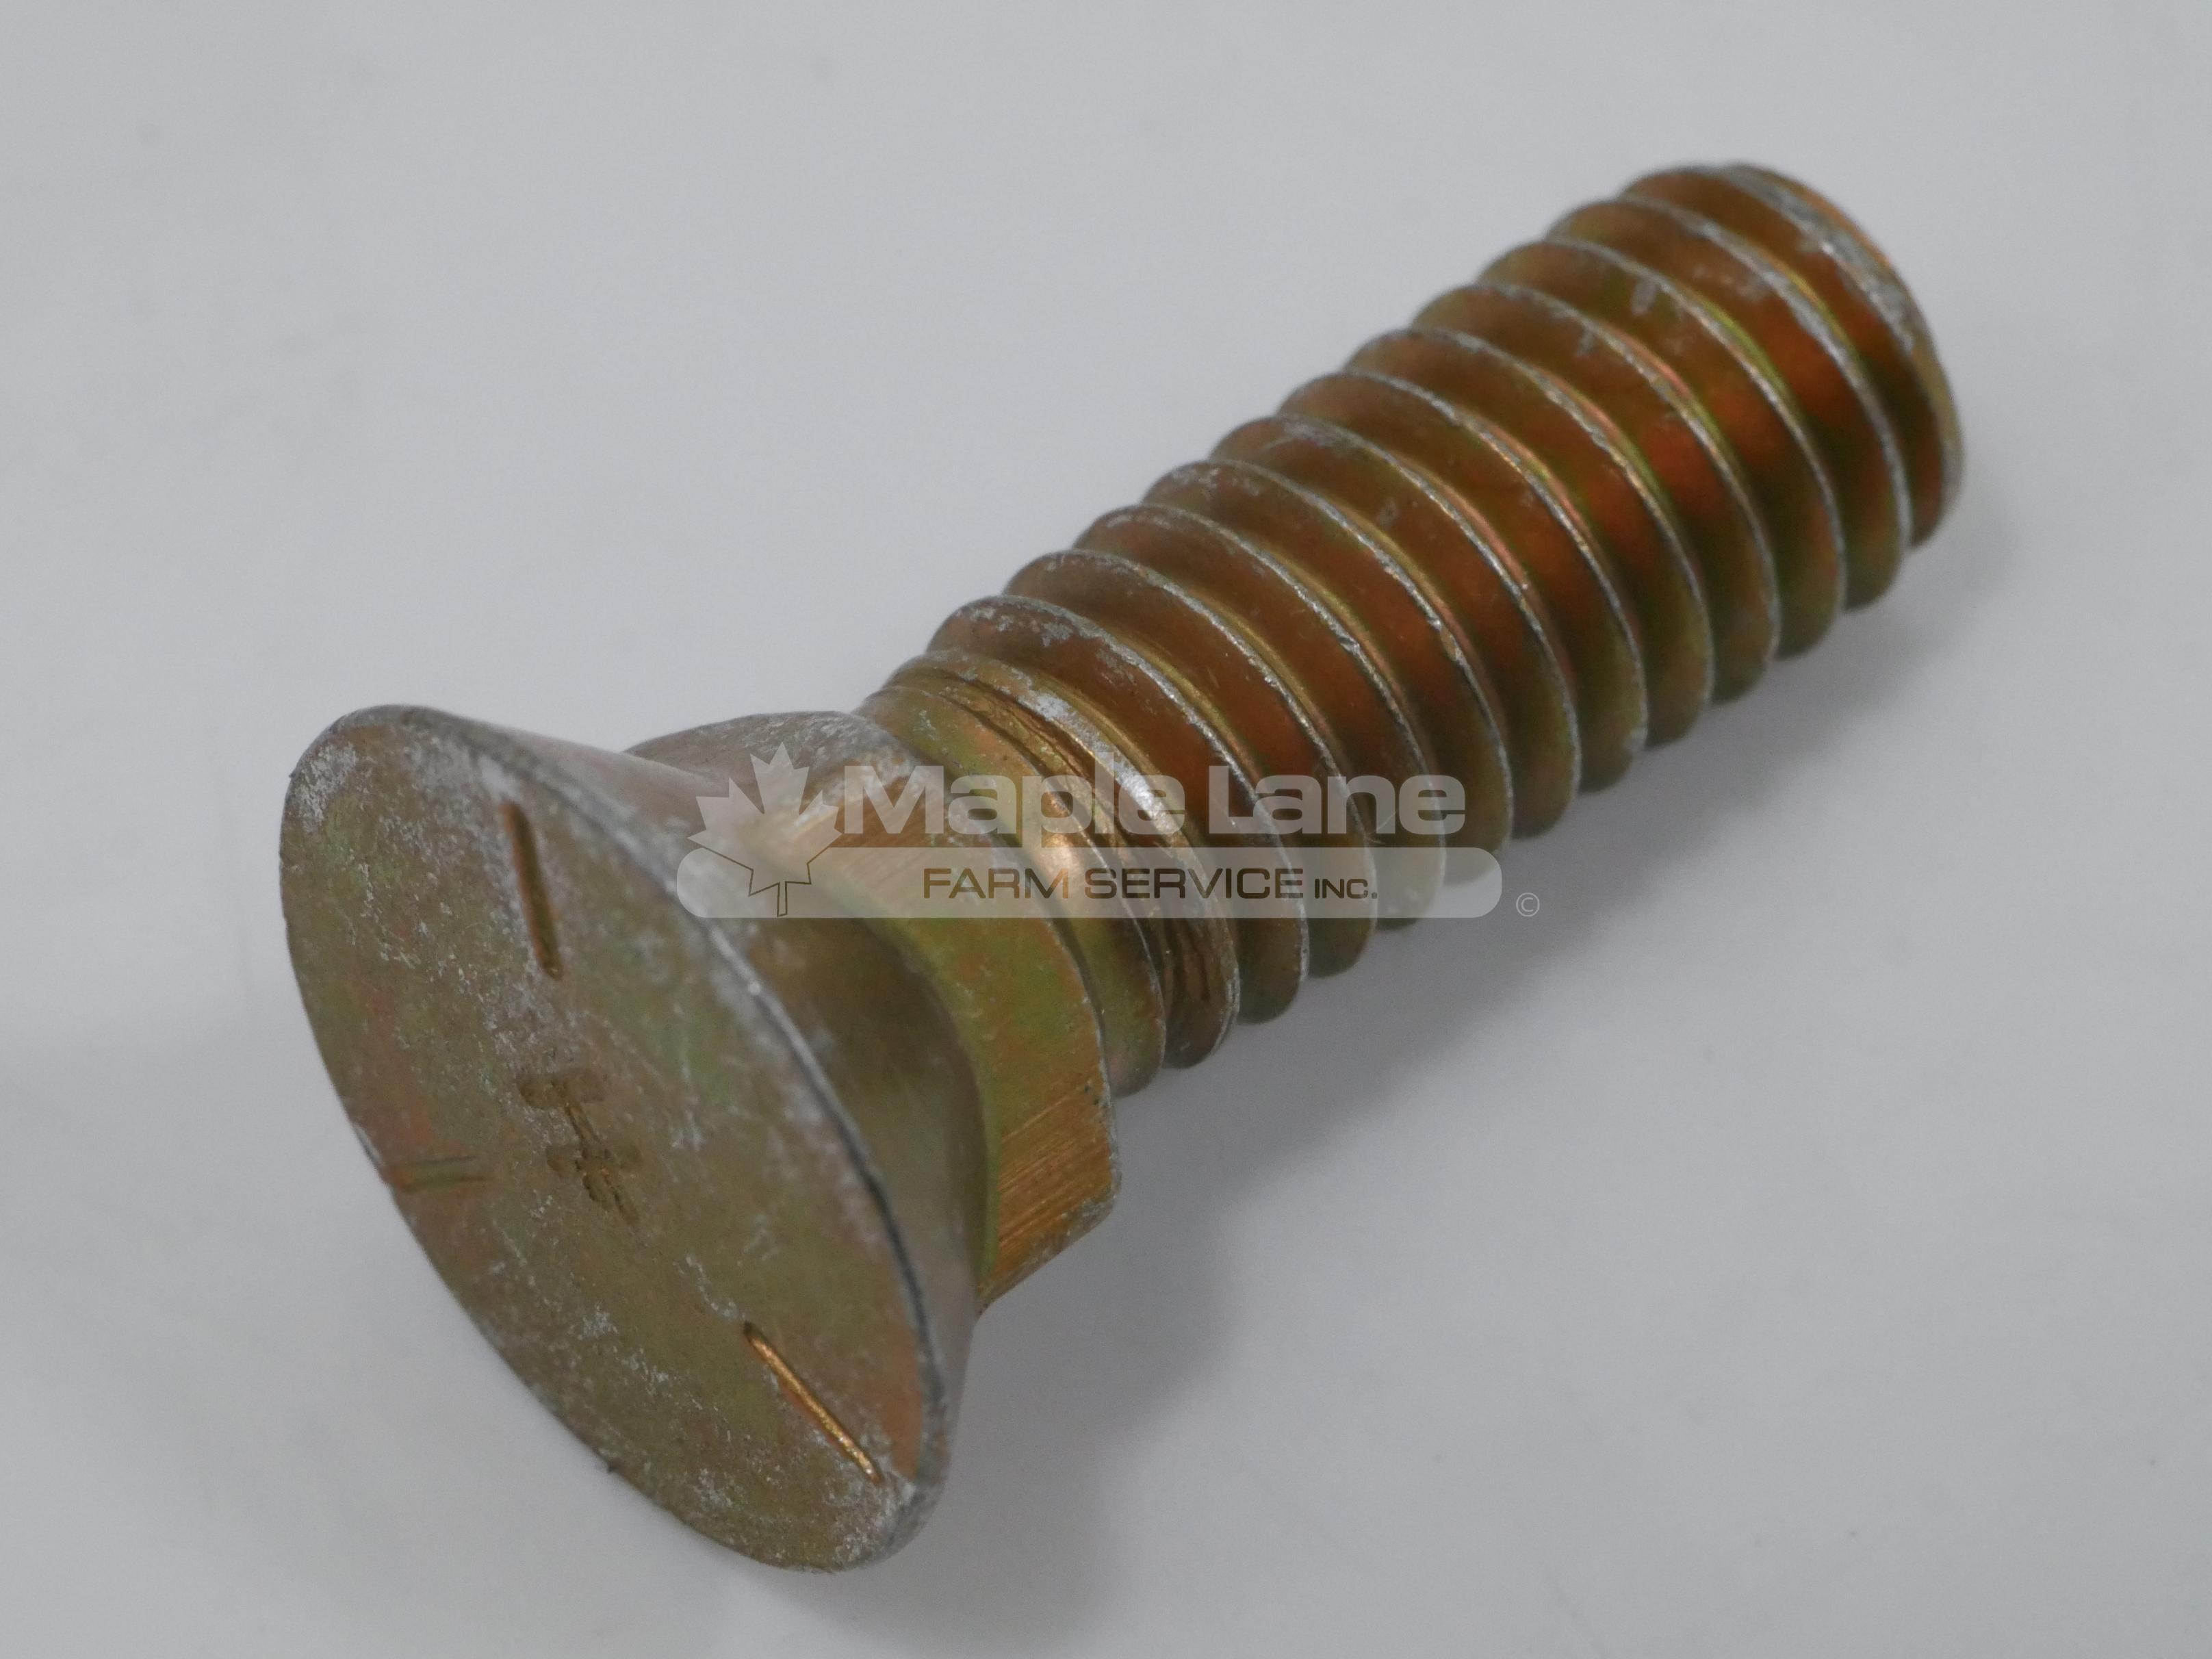 650541 Heavy Duty Plow Bolt